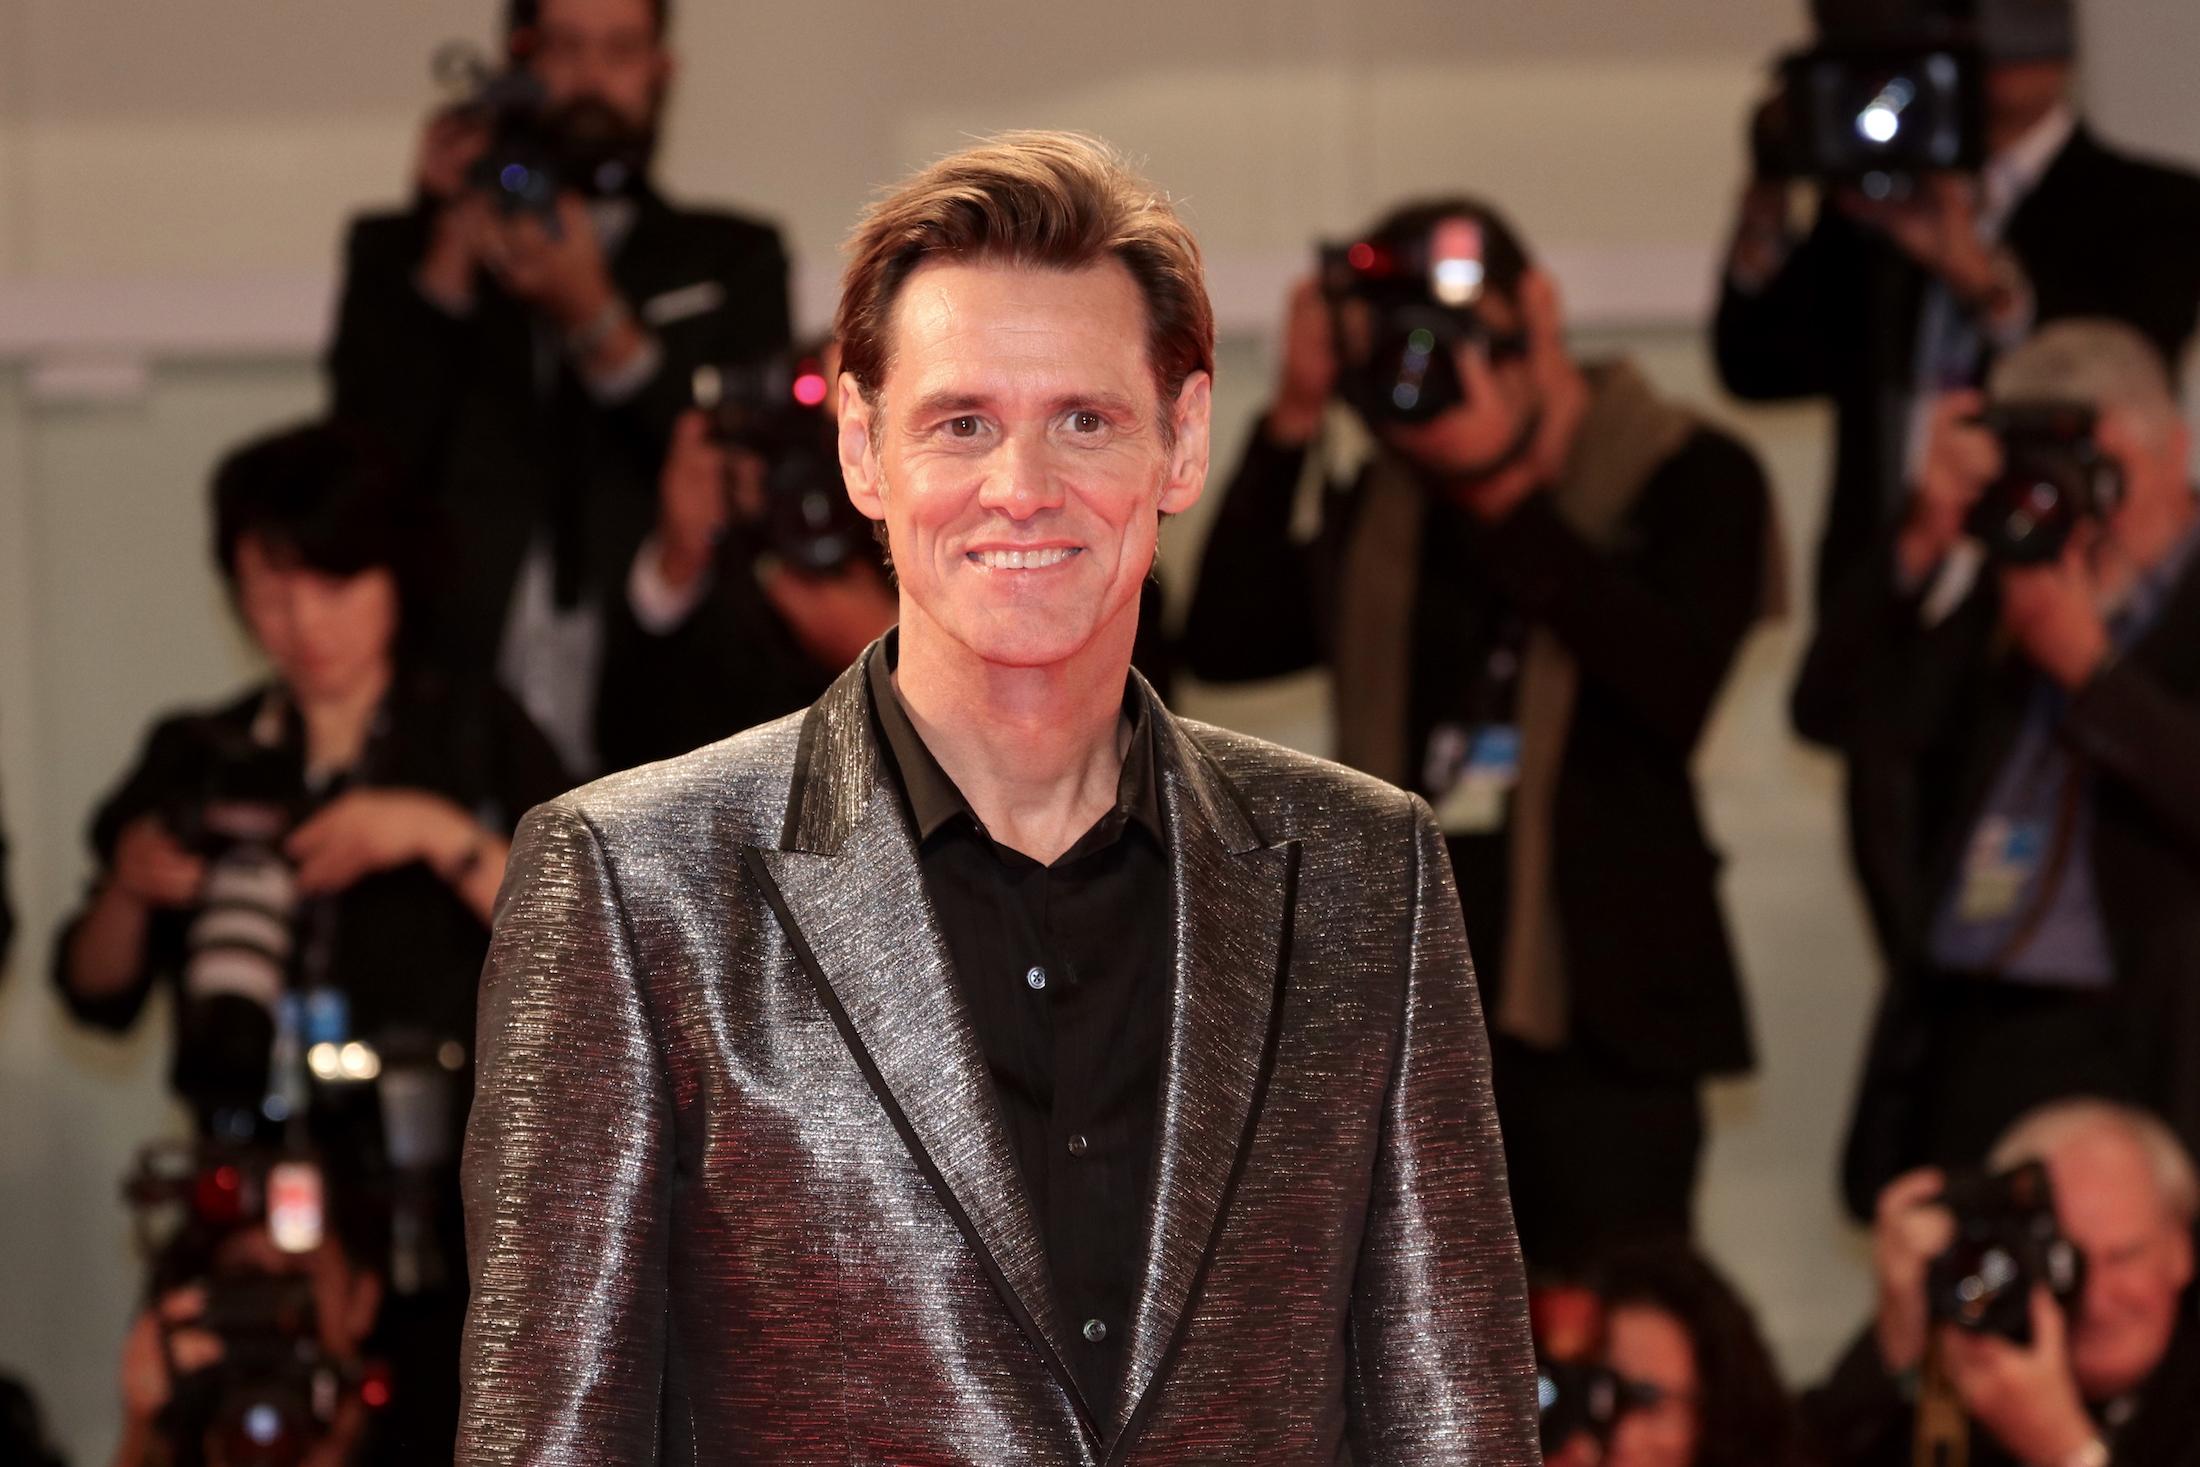 Jim Carrey smiling, at the red carpet